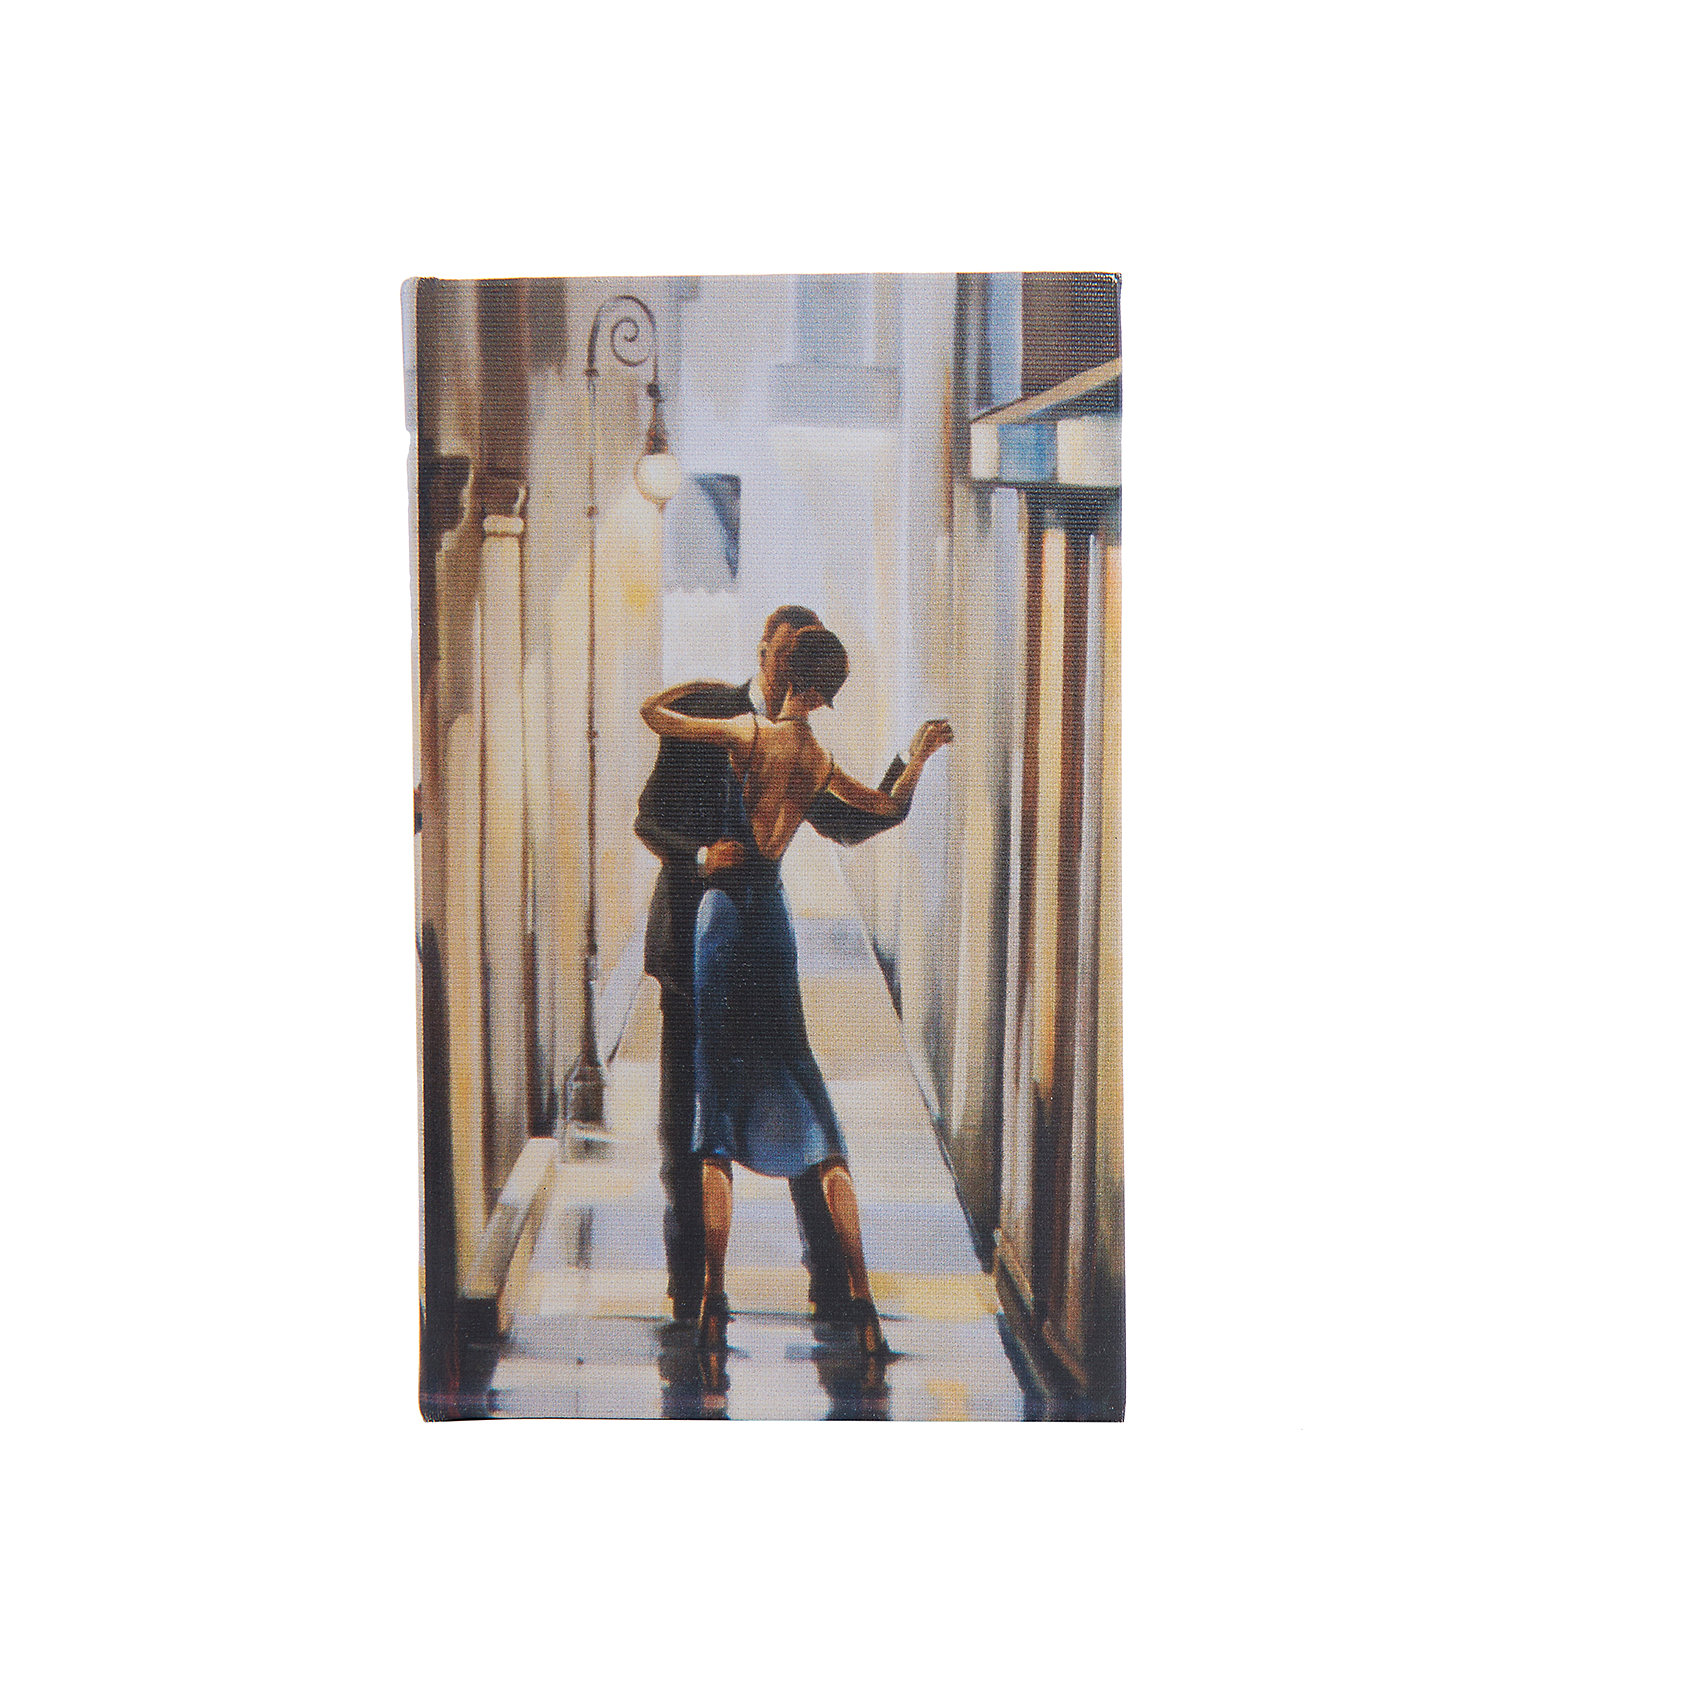 Шкатулка декоративная Танцующая пара (17*11*5)Стильная декоративная шкатулка Танцующая пара выполнена в форме книги с оригинальным рисунком танцующей пары. Она отлично подойдет для хранения мелочей и безделушек, есть отделение для украшений. Отличный вариант для ценного и оригинального подарка!<br><br>Дополнительная информация:<br>Материал: МДФ<br>Размер: 5х26х17 см<br>Вес: 285 грамм<br>Декоративную шкатулку Танцующая пара можно купить в нашем интернет-магазине.<br><br>Ширина мм: 400<br>Глубина мм: 380<br>Высота мм: 370<br>Вес г: 310<br>Возраст от месяцев: 84<br>Возраст до месяцев: 216<br>Пол: Унисекс<br>Возраст: Детский<br>SKU: 4957976